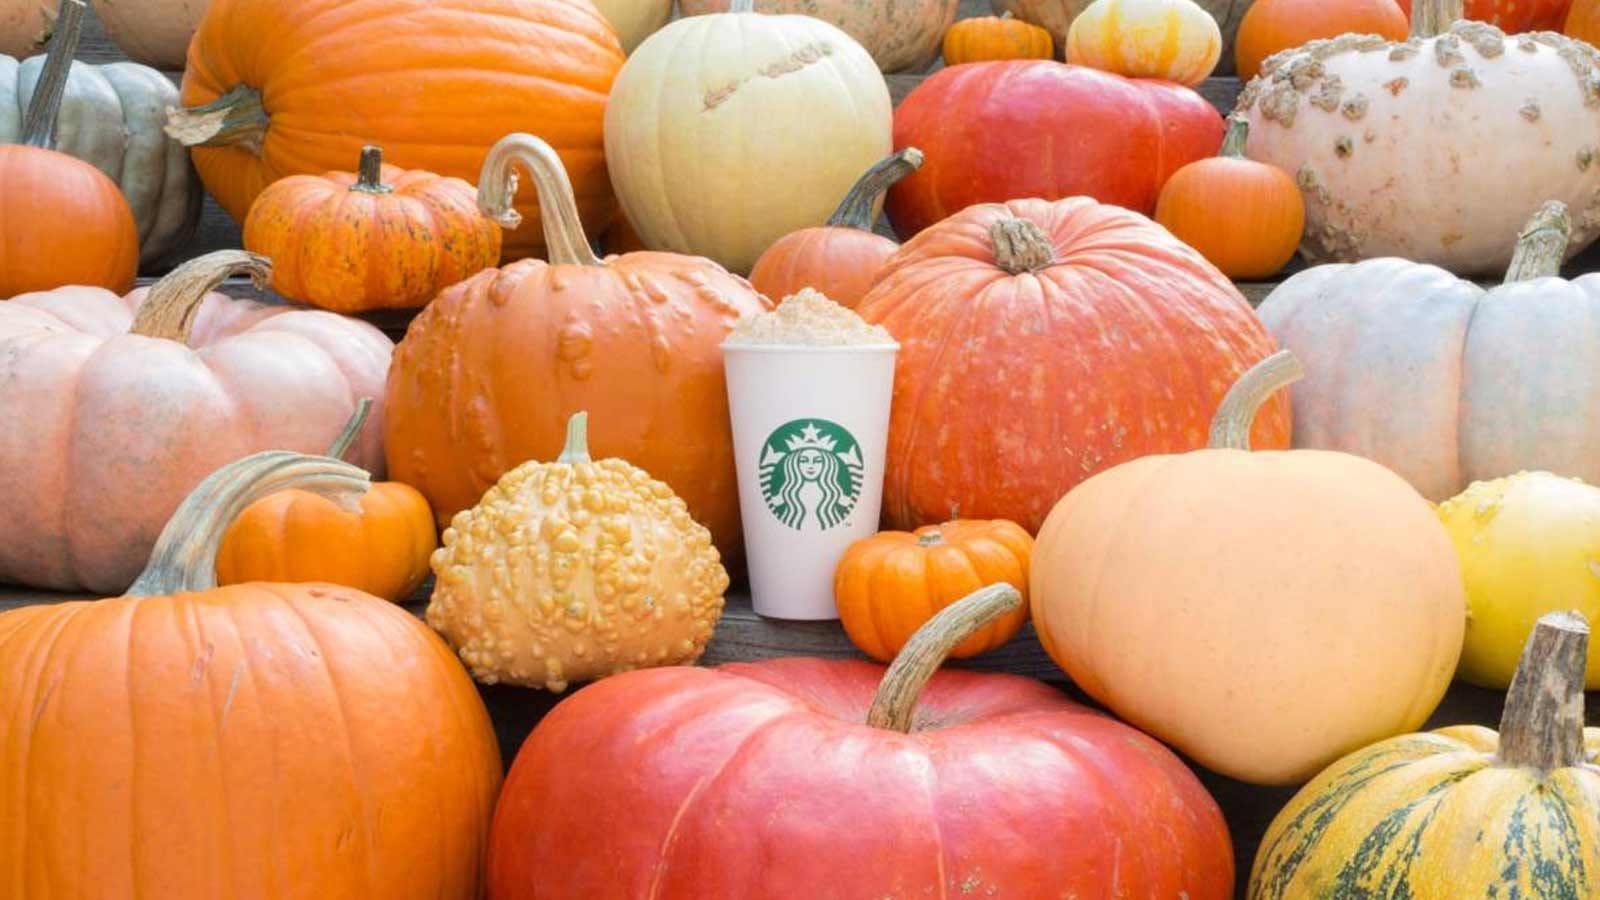 A pumpkin spice latte sitting among a bunch of pumpkins.